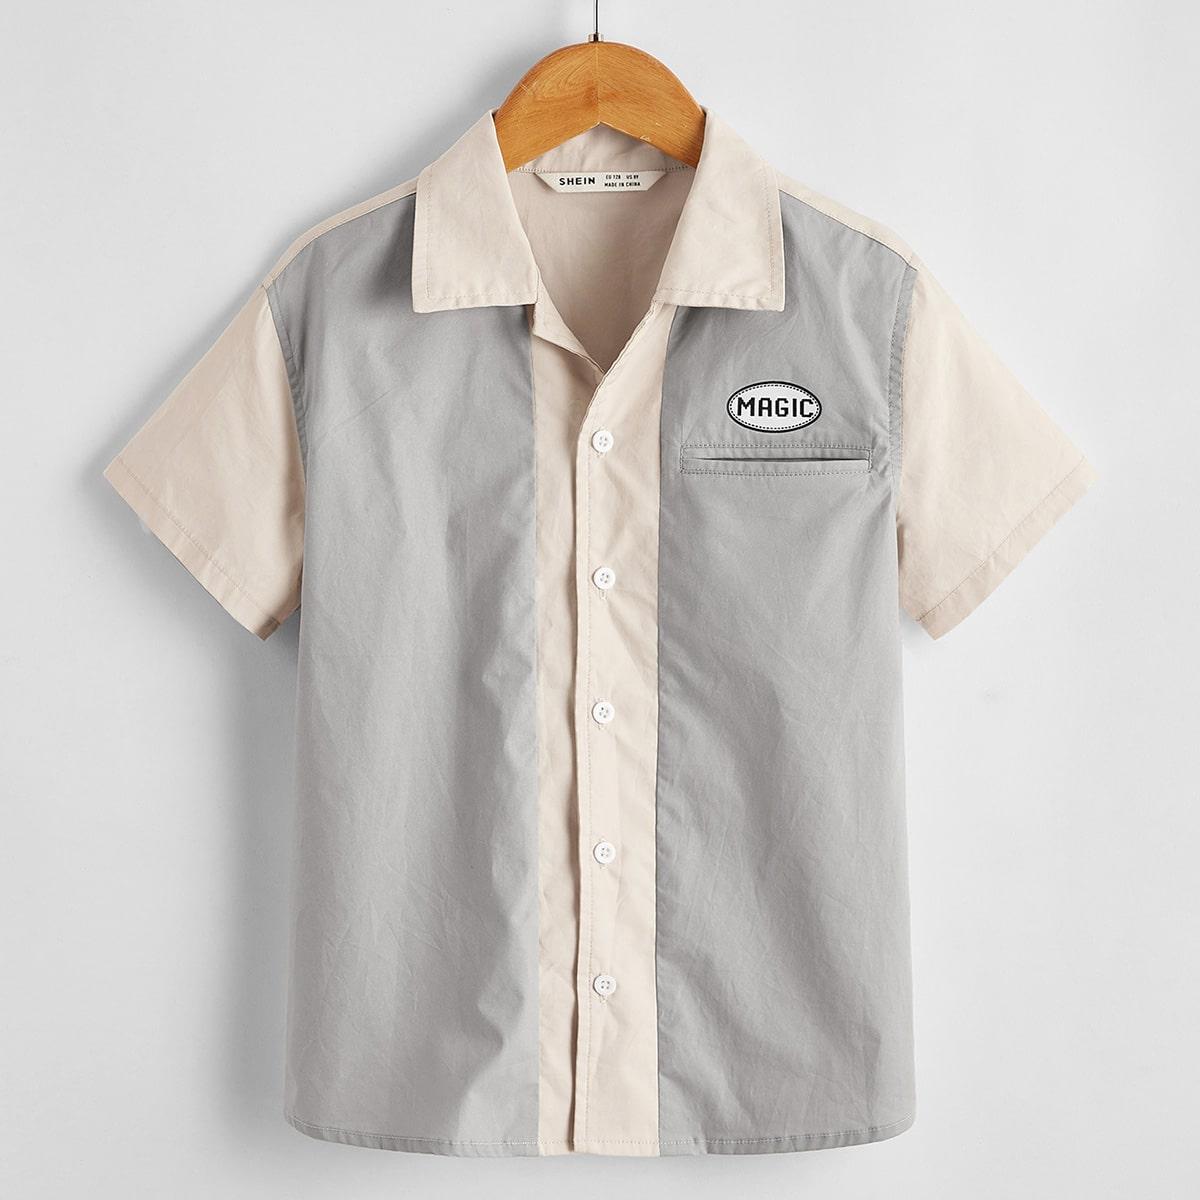 Двухцветная рубашка с текстовым принтом для мальчиков